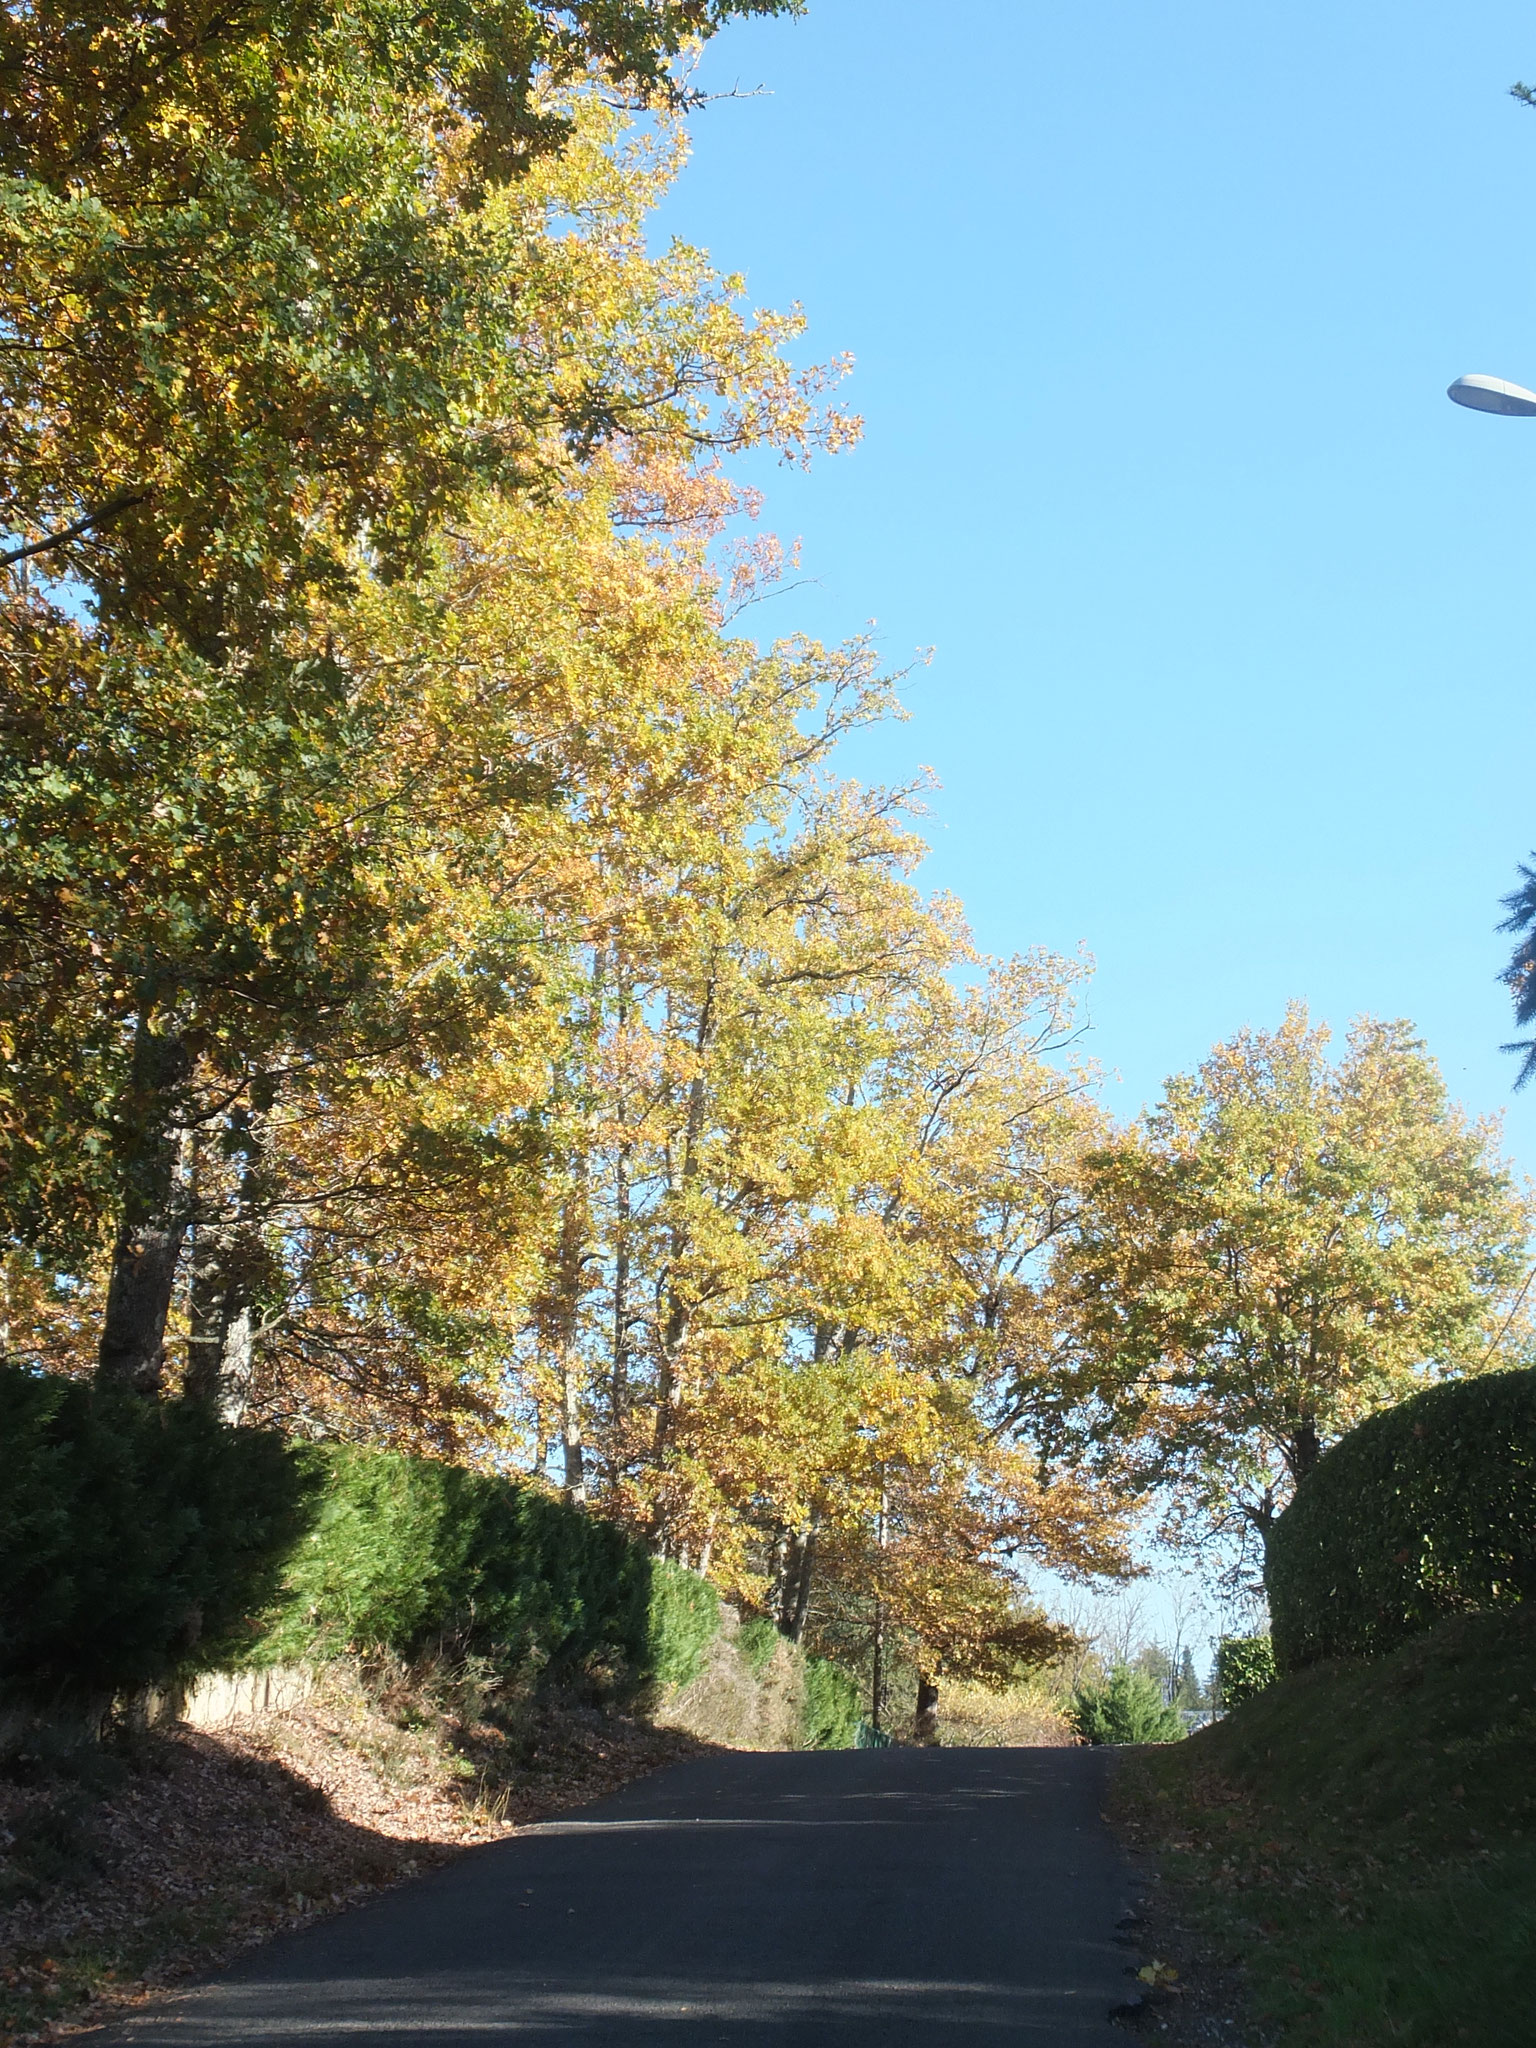 Notre rue, Chemin du Cap des Bories